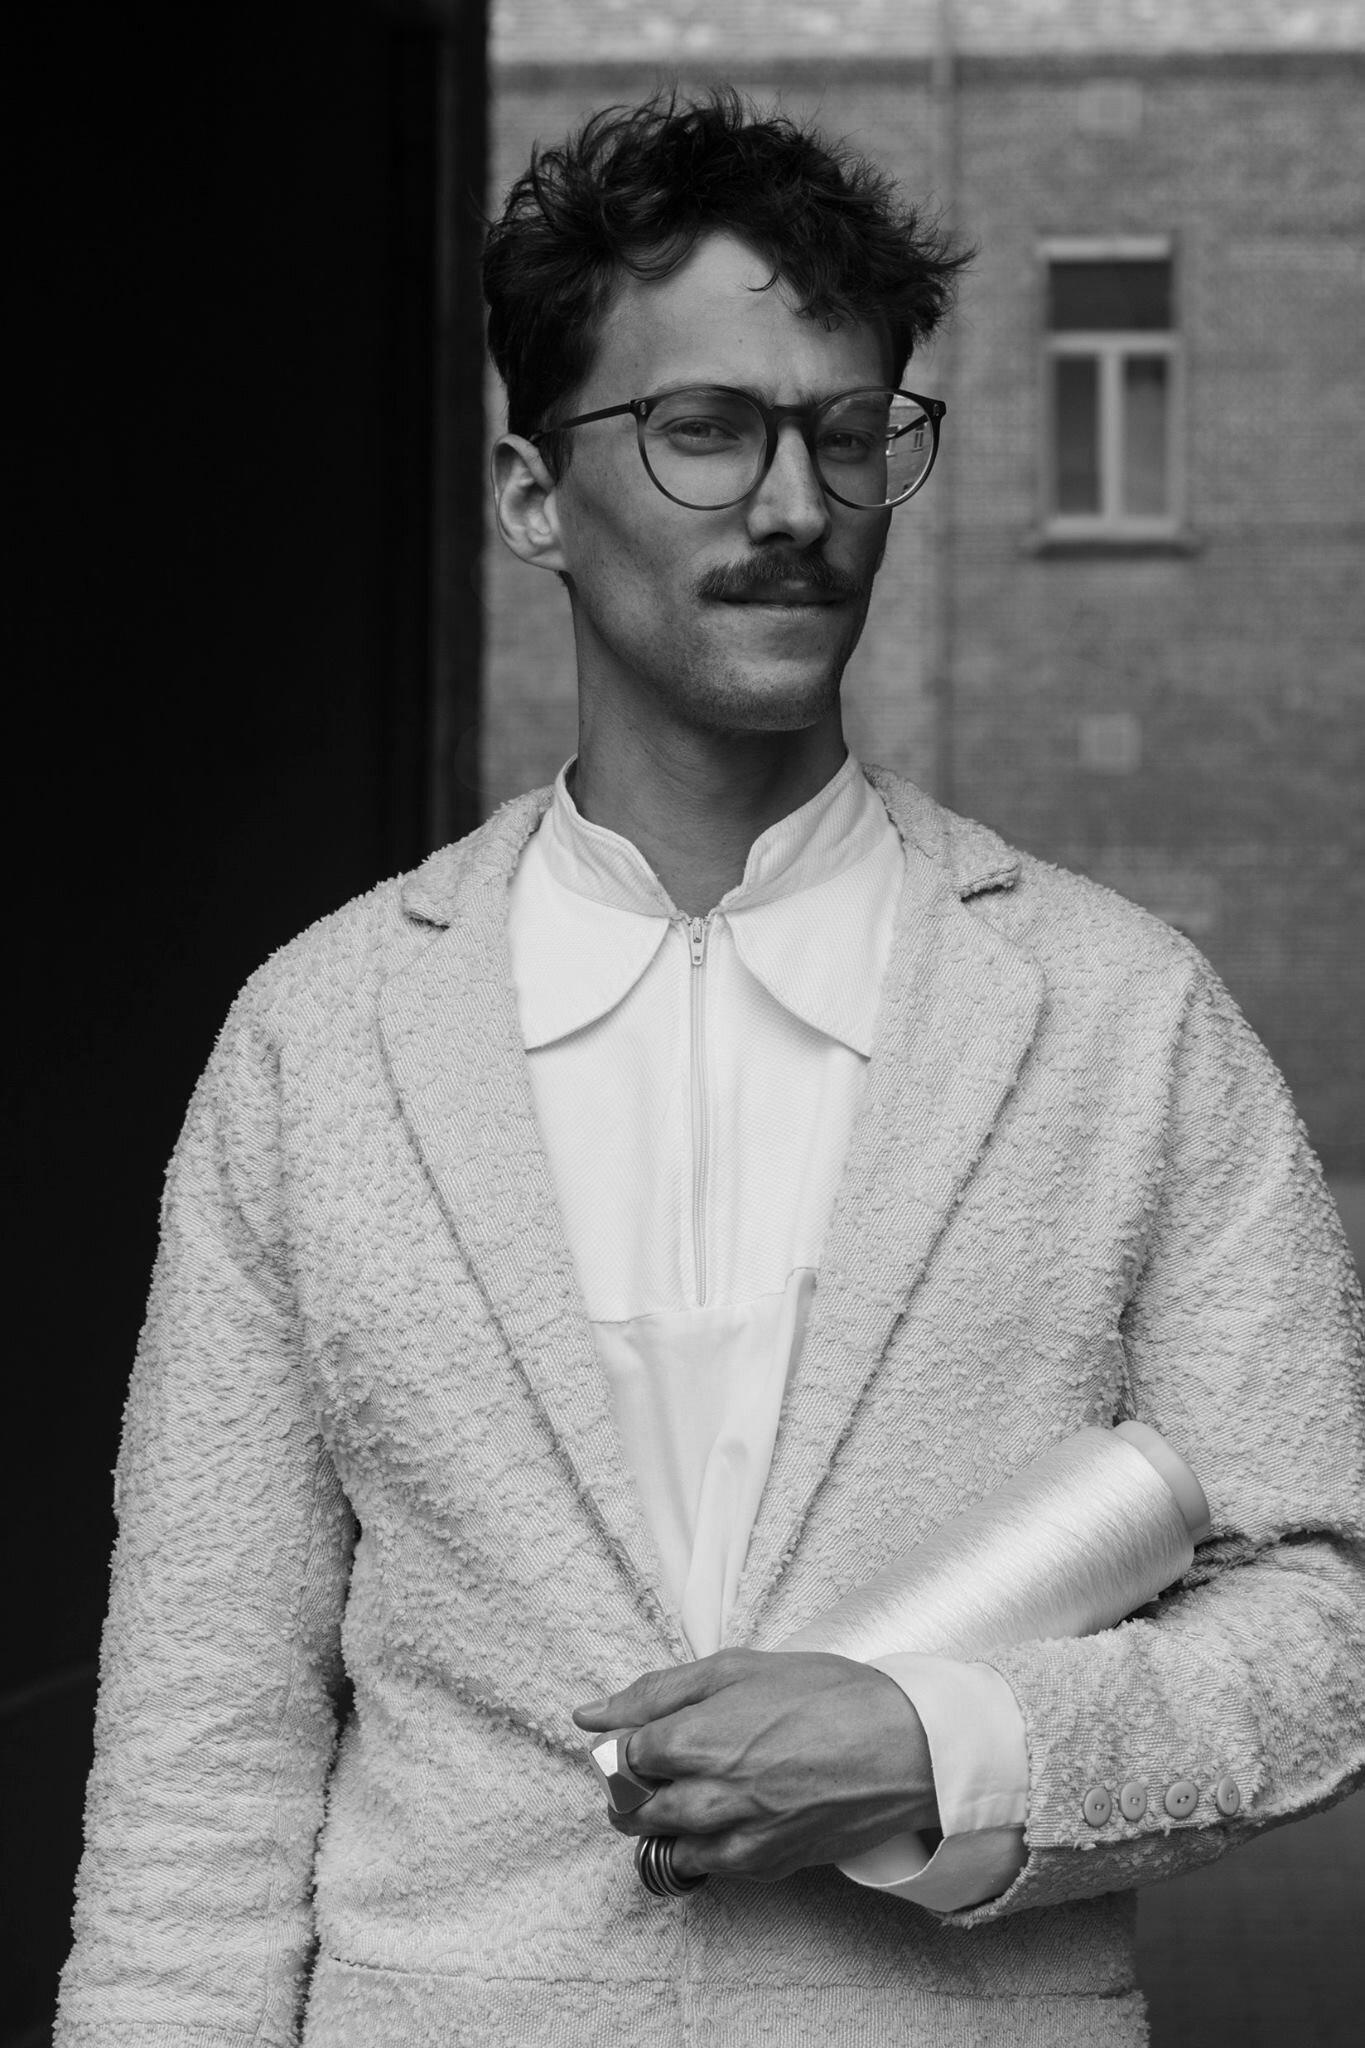 Cédric Vanhoeck